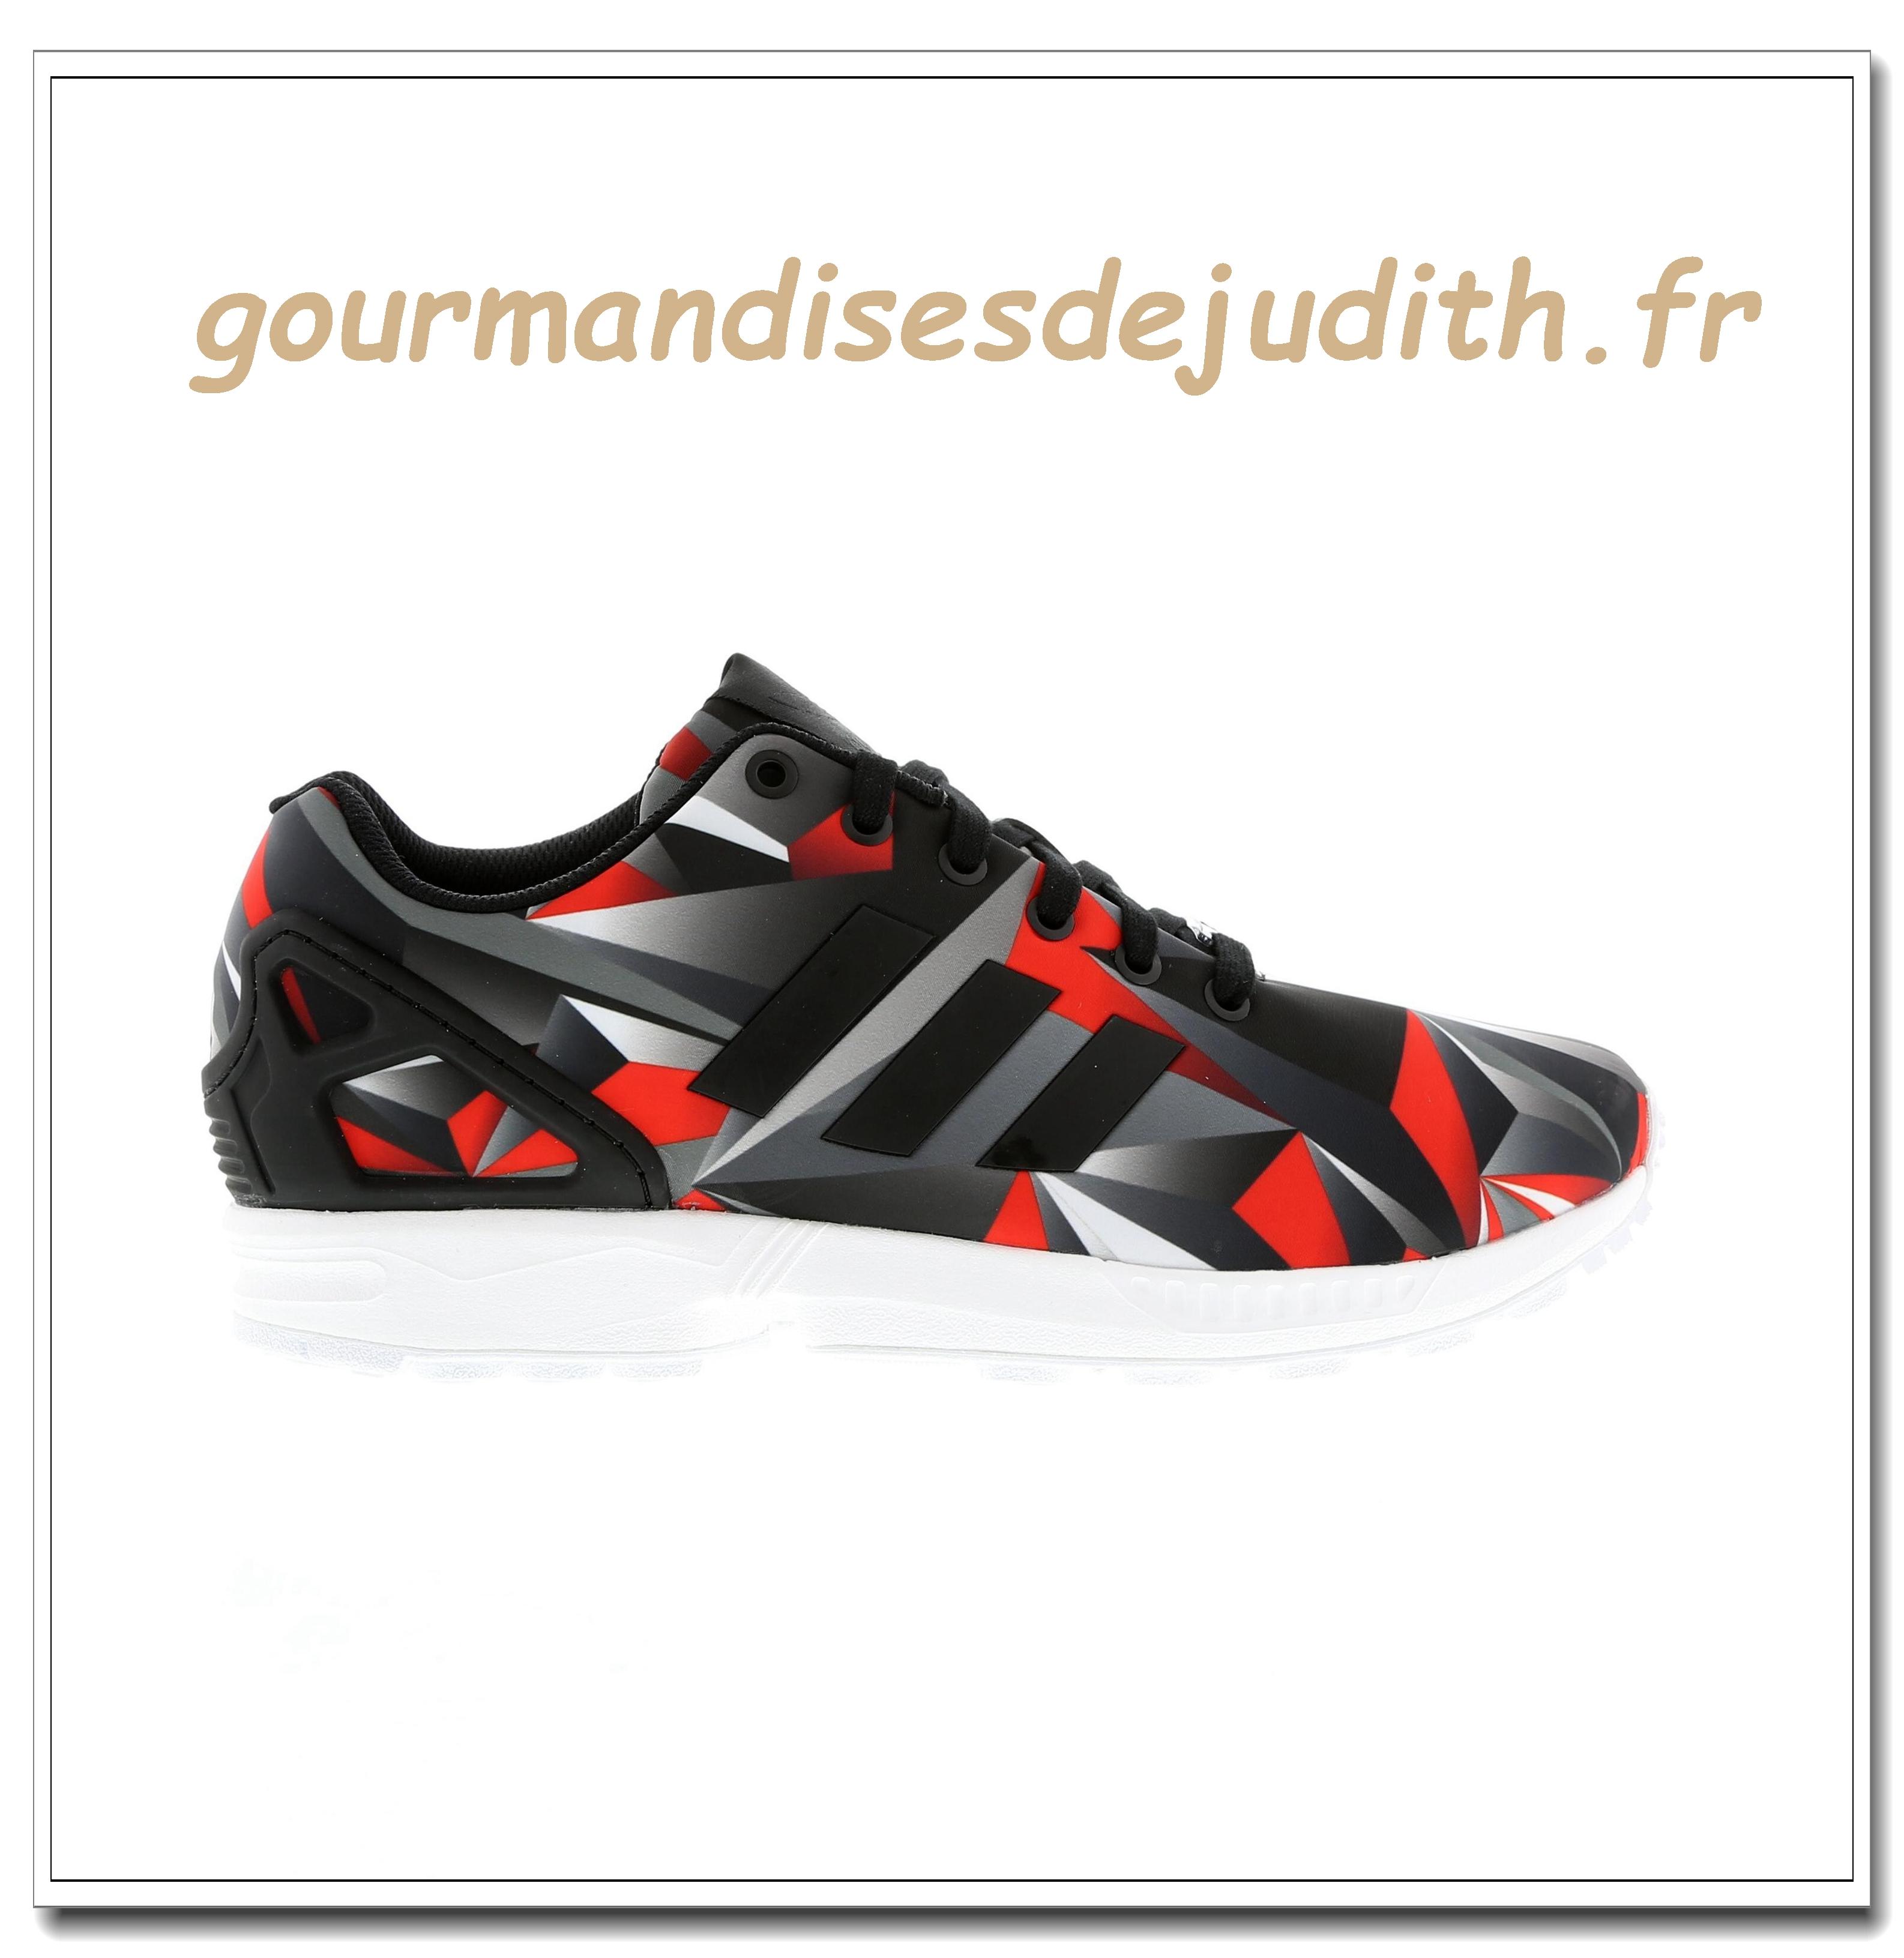 wholesale dealer 1aa2c 16f07 largement acclamé QME90 - Adidas ZX Flux Weave Femme Sneakers Courir Blanche  Berry Vives Satellite QT7036 25091297 -50% (Remise Adidas Zx Flux) Adidas  Zx ...